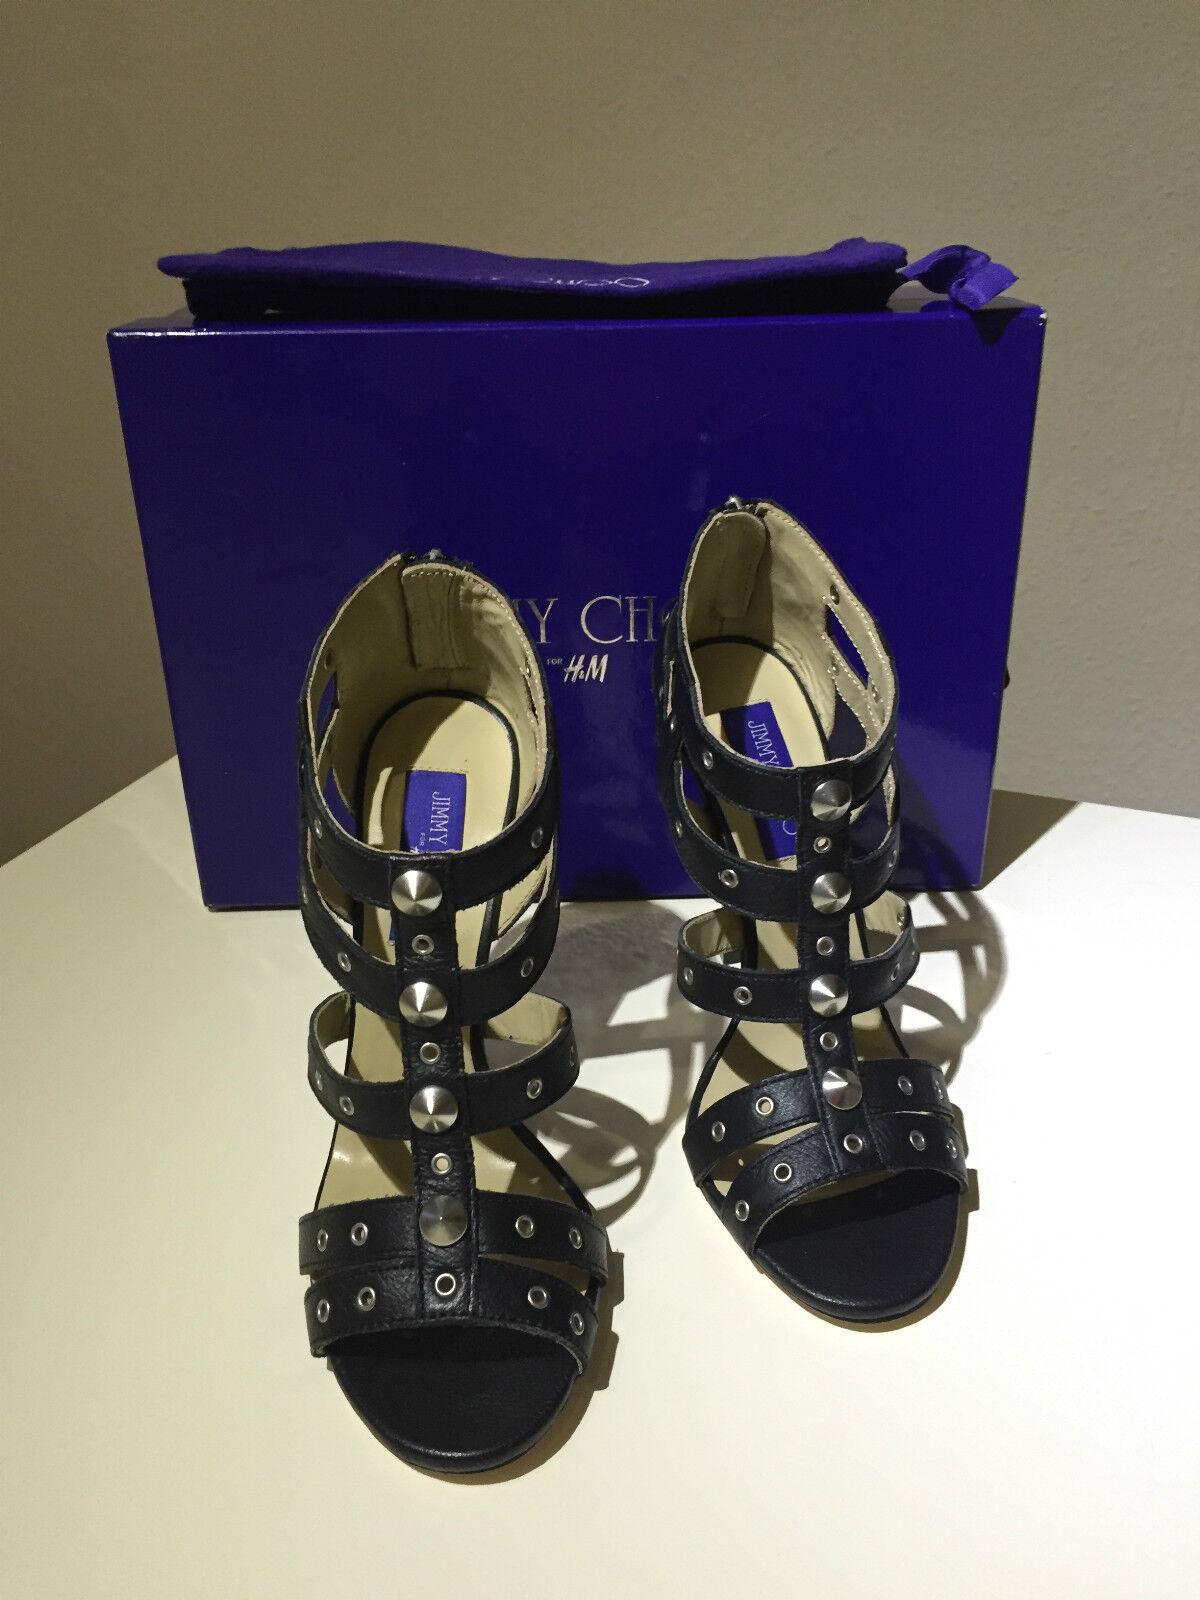 Jimmy Choo for H&M Schuhe Gladiatoren High Heels 8 Pumps Gr. 39 US 8 Heels UK 6 neu new e282b5